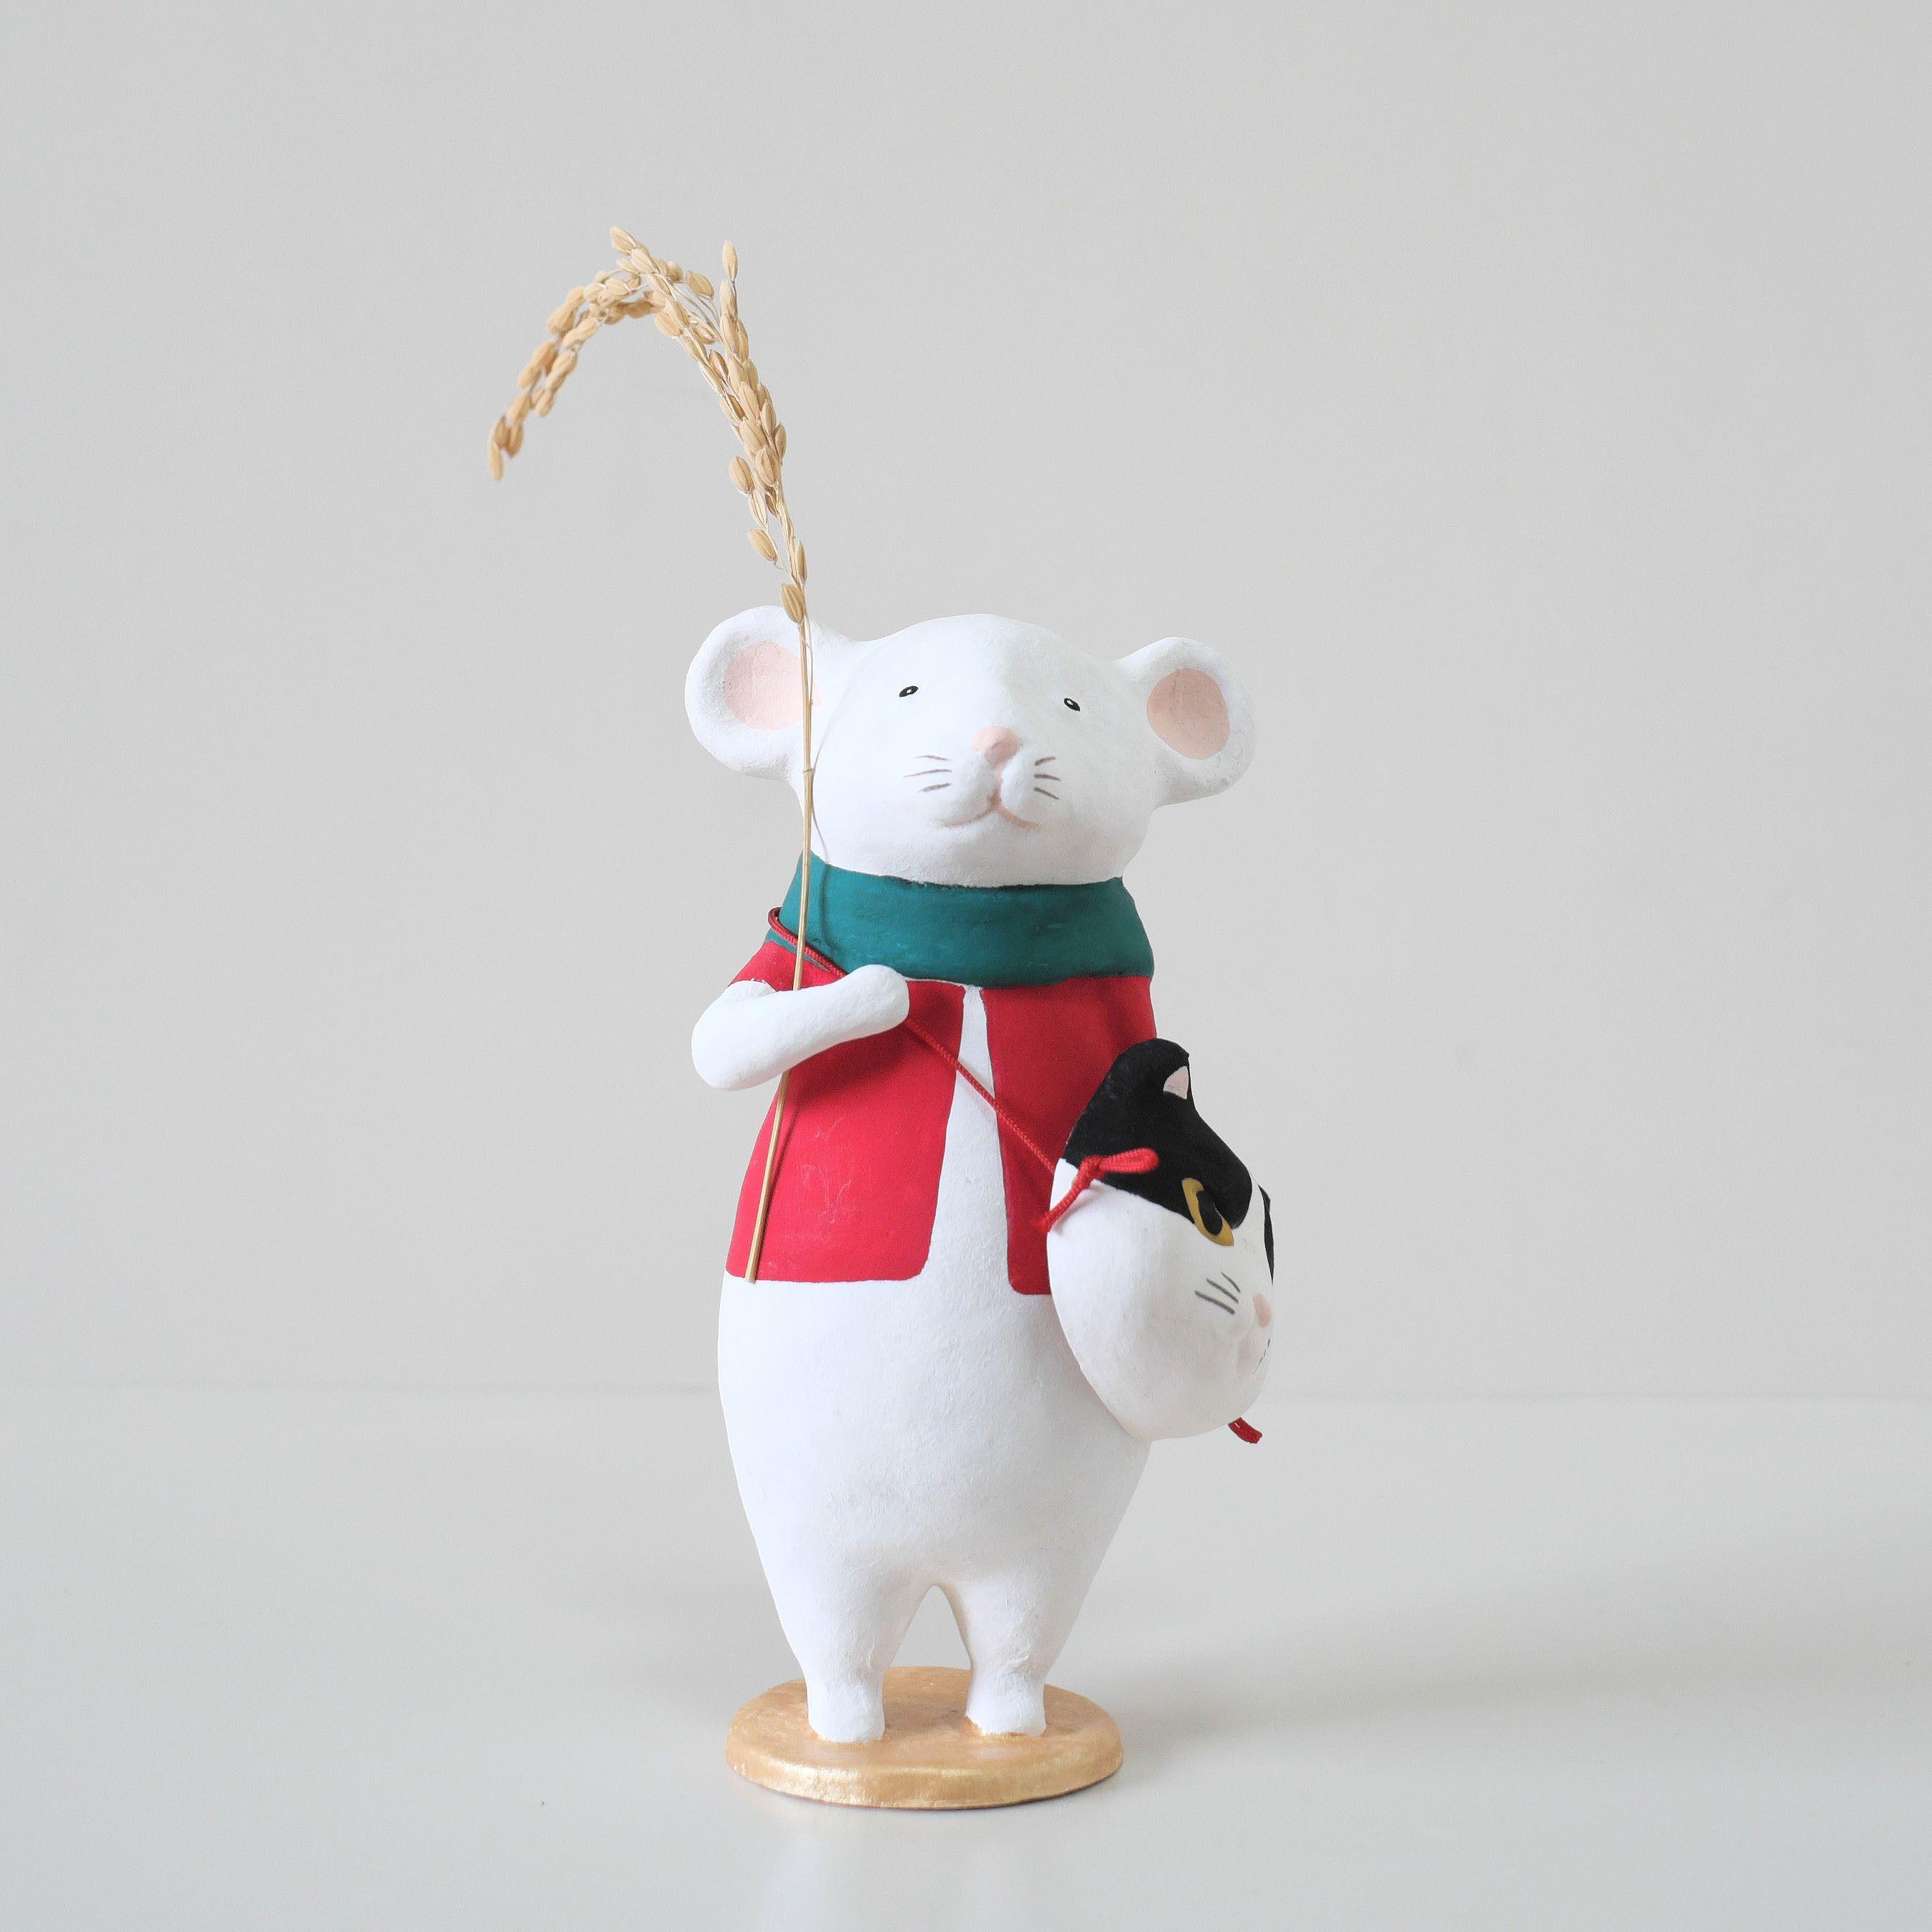 張り子「ねずお」猫面付 | 京都 羅工房 | 京雑貨【2020】 | 張り子 ...